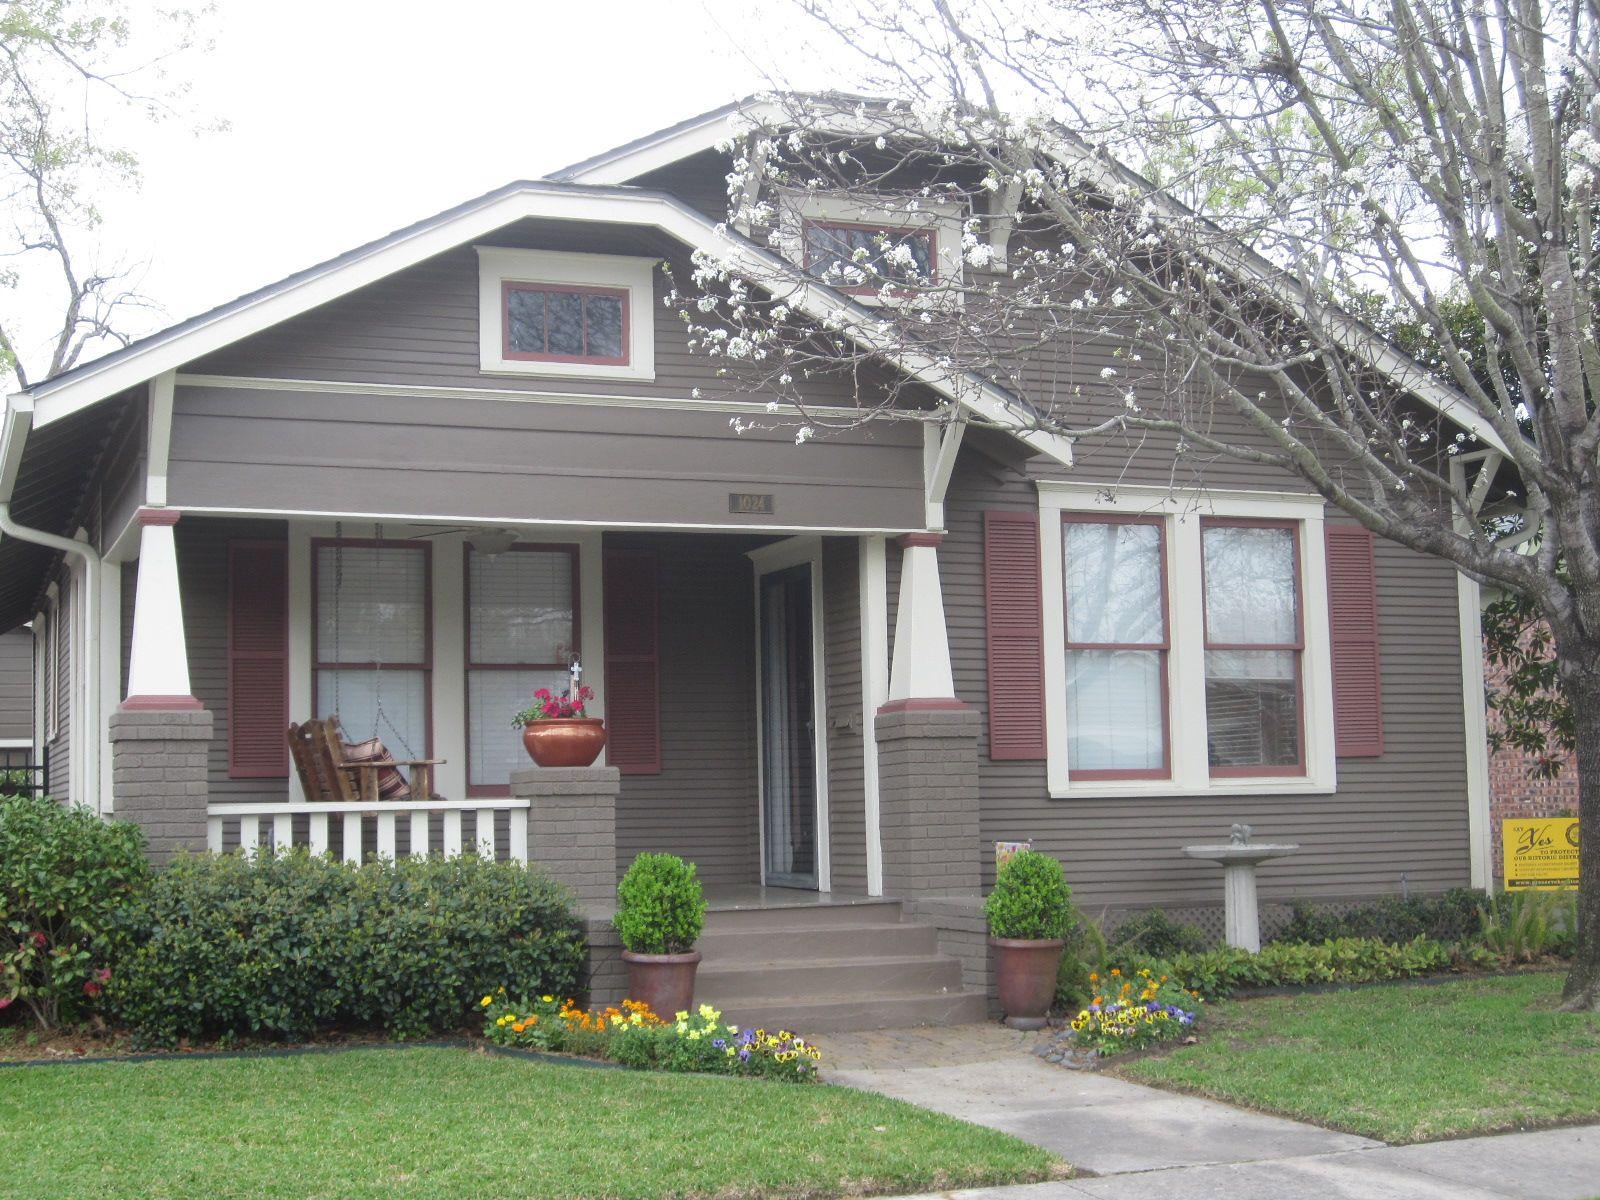 Tremendous 17 Best Images About Exterior House Colors On Pinterest Paint Largest Home Design Picture Inspirations Pitcheantrous